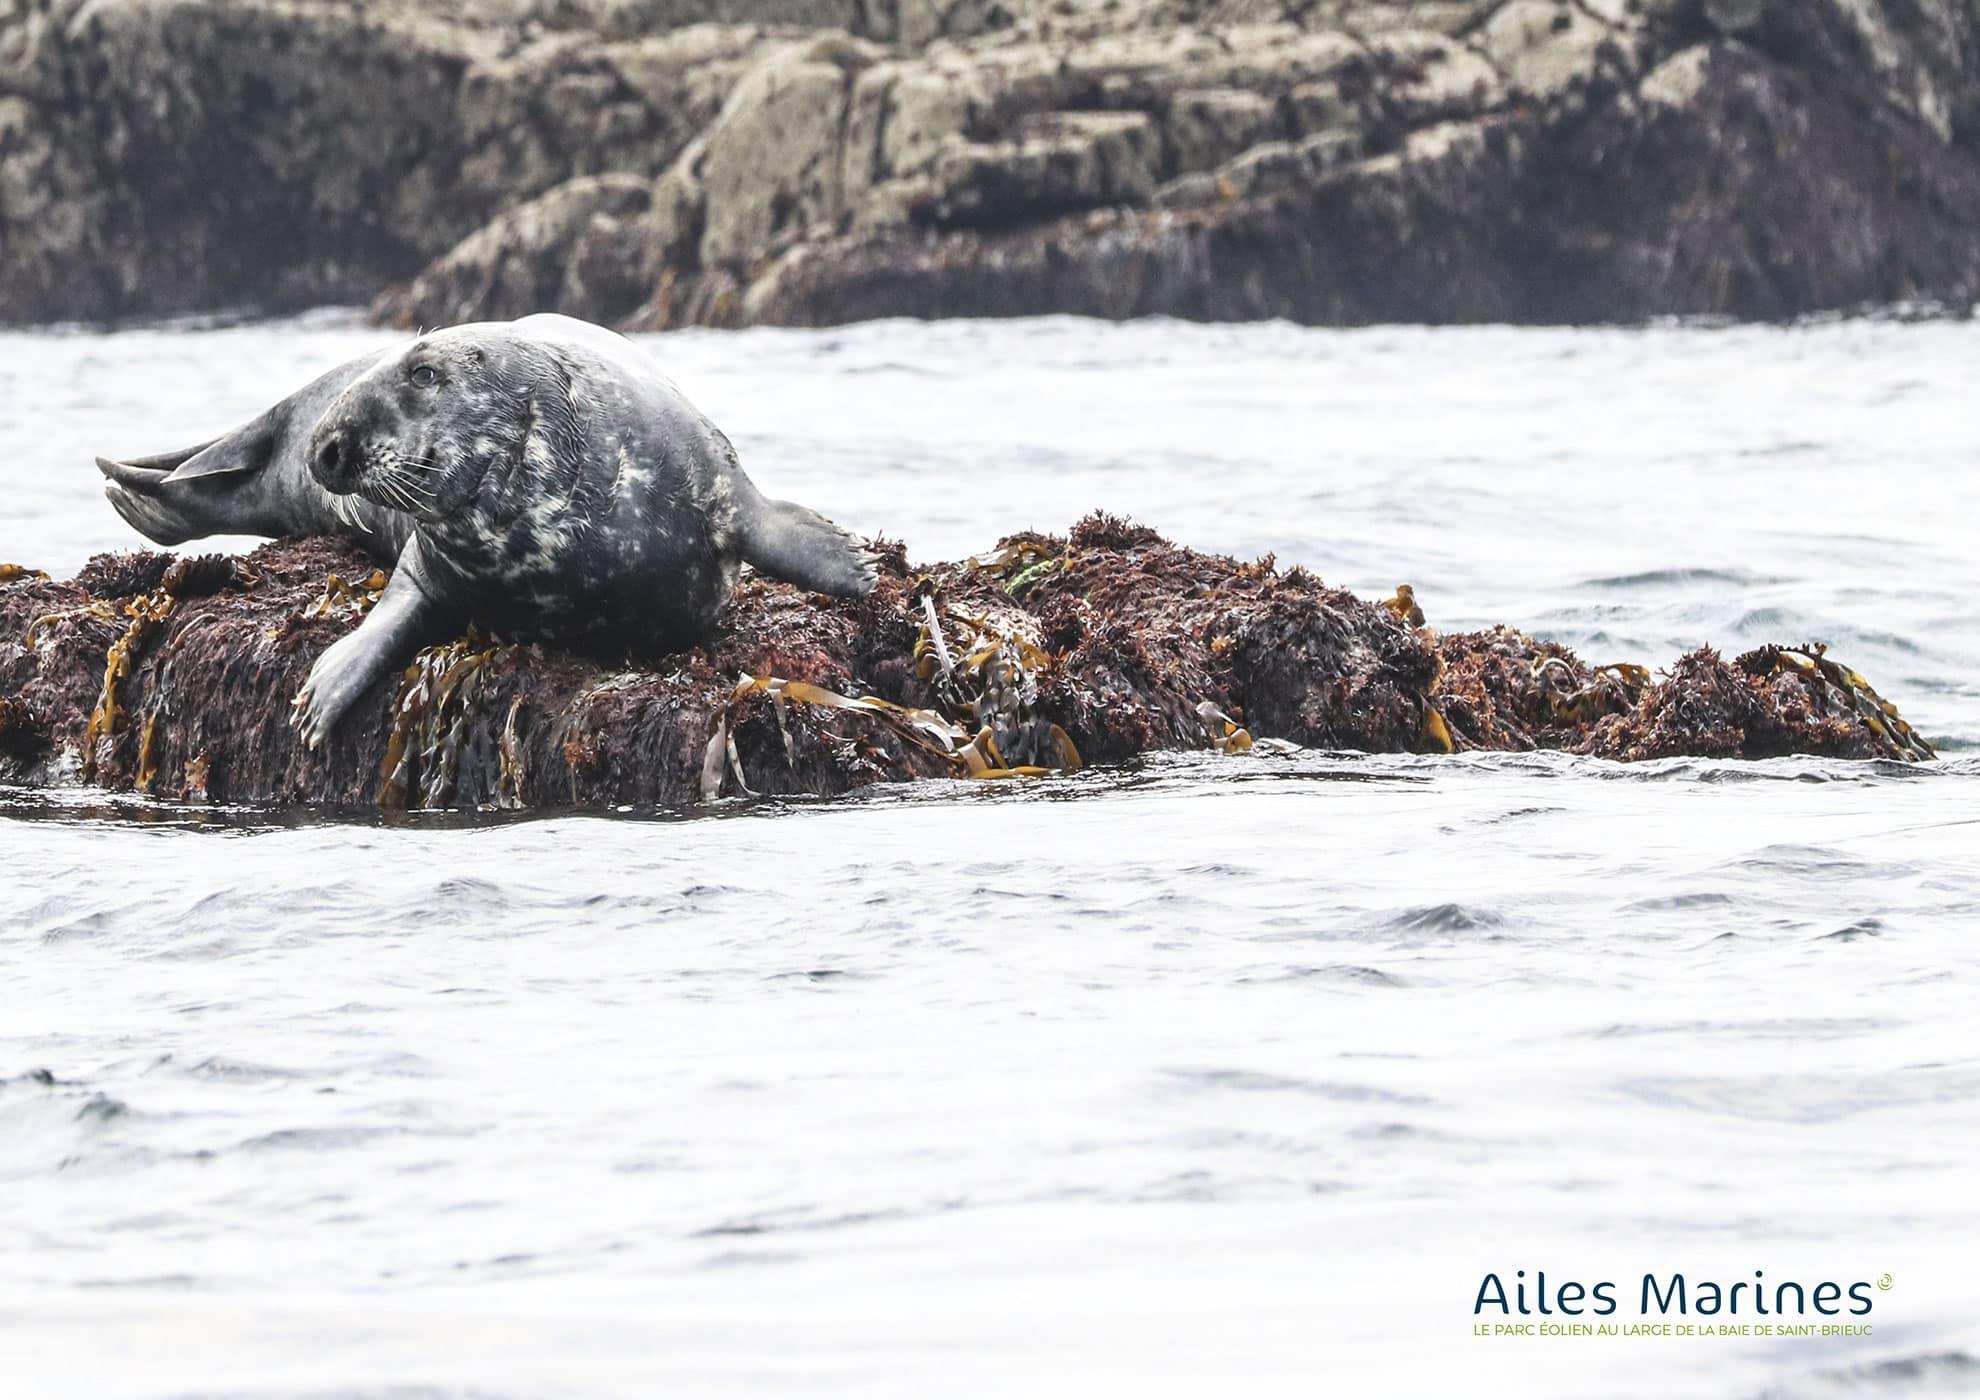 ailes-marines-phoque-sur-rocher-et-algue